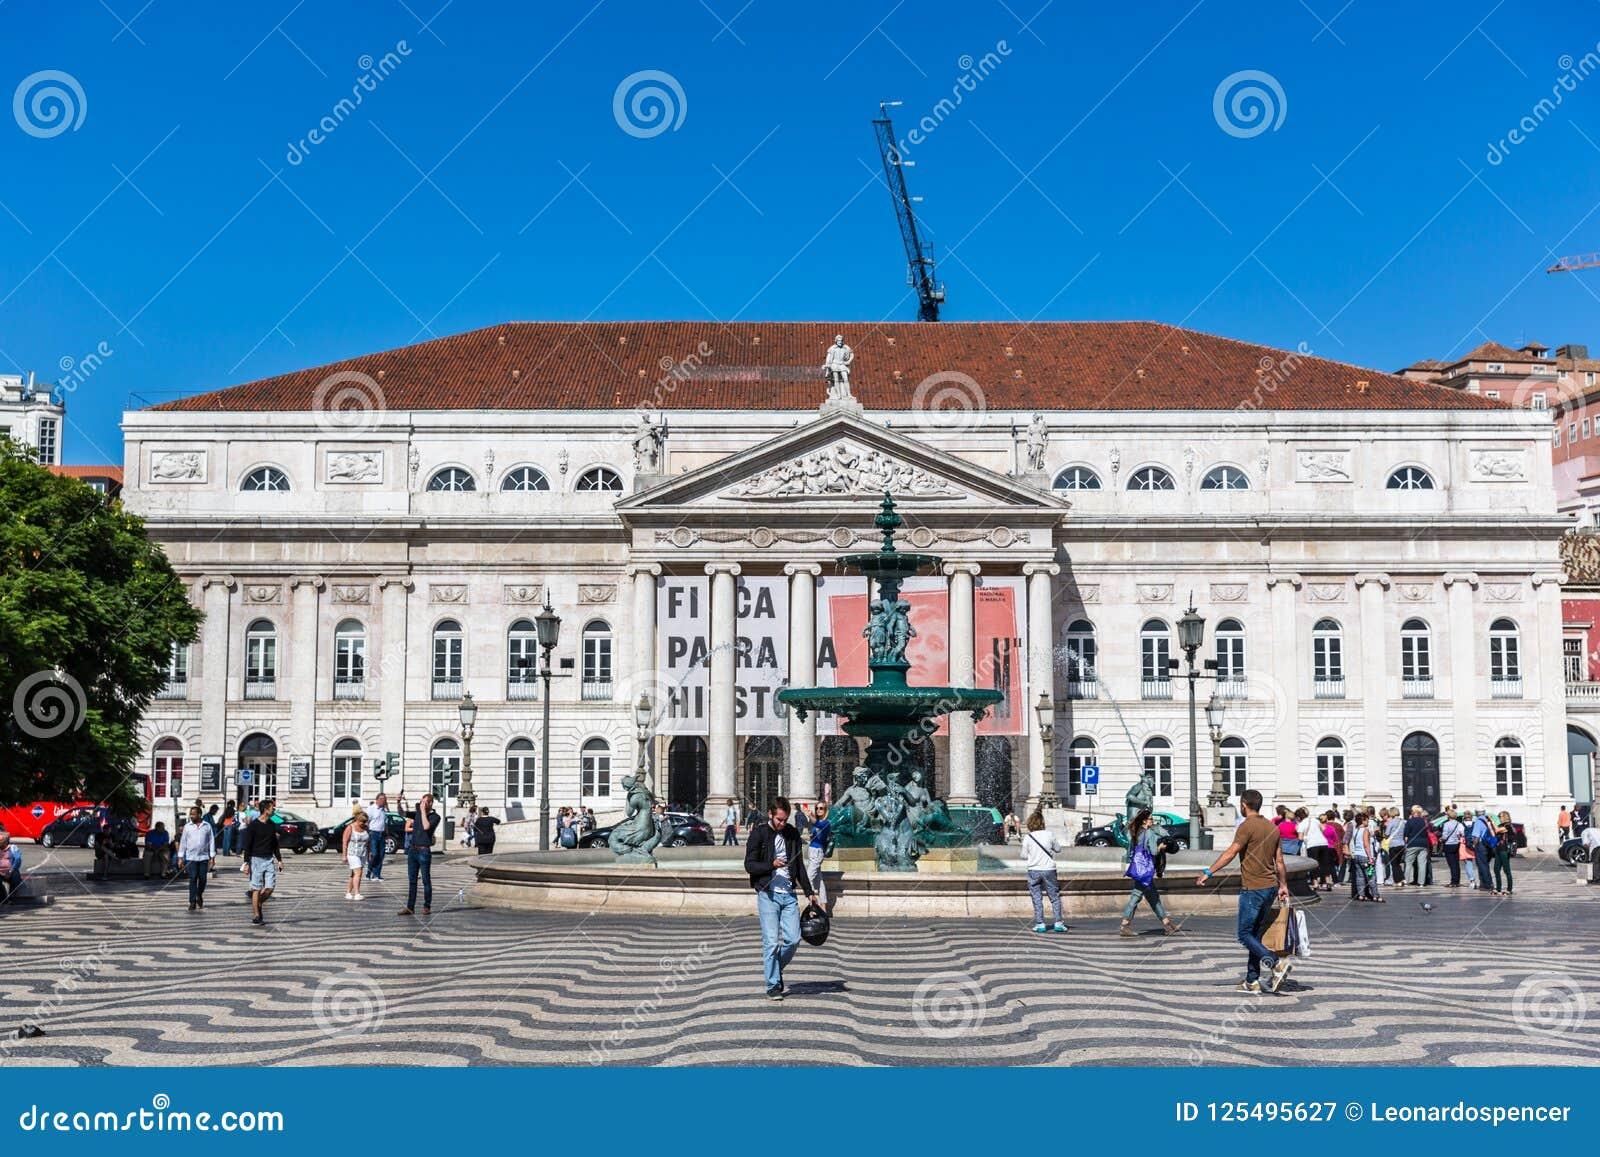 Lisbonne, Portugal - 9 mai 2018 - touristes et gens du pays marchant dans un boulevard traditionnel à Lisbonne en centre ville da